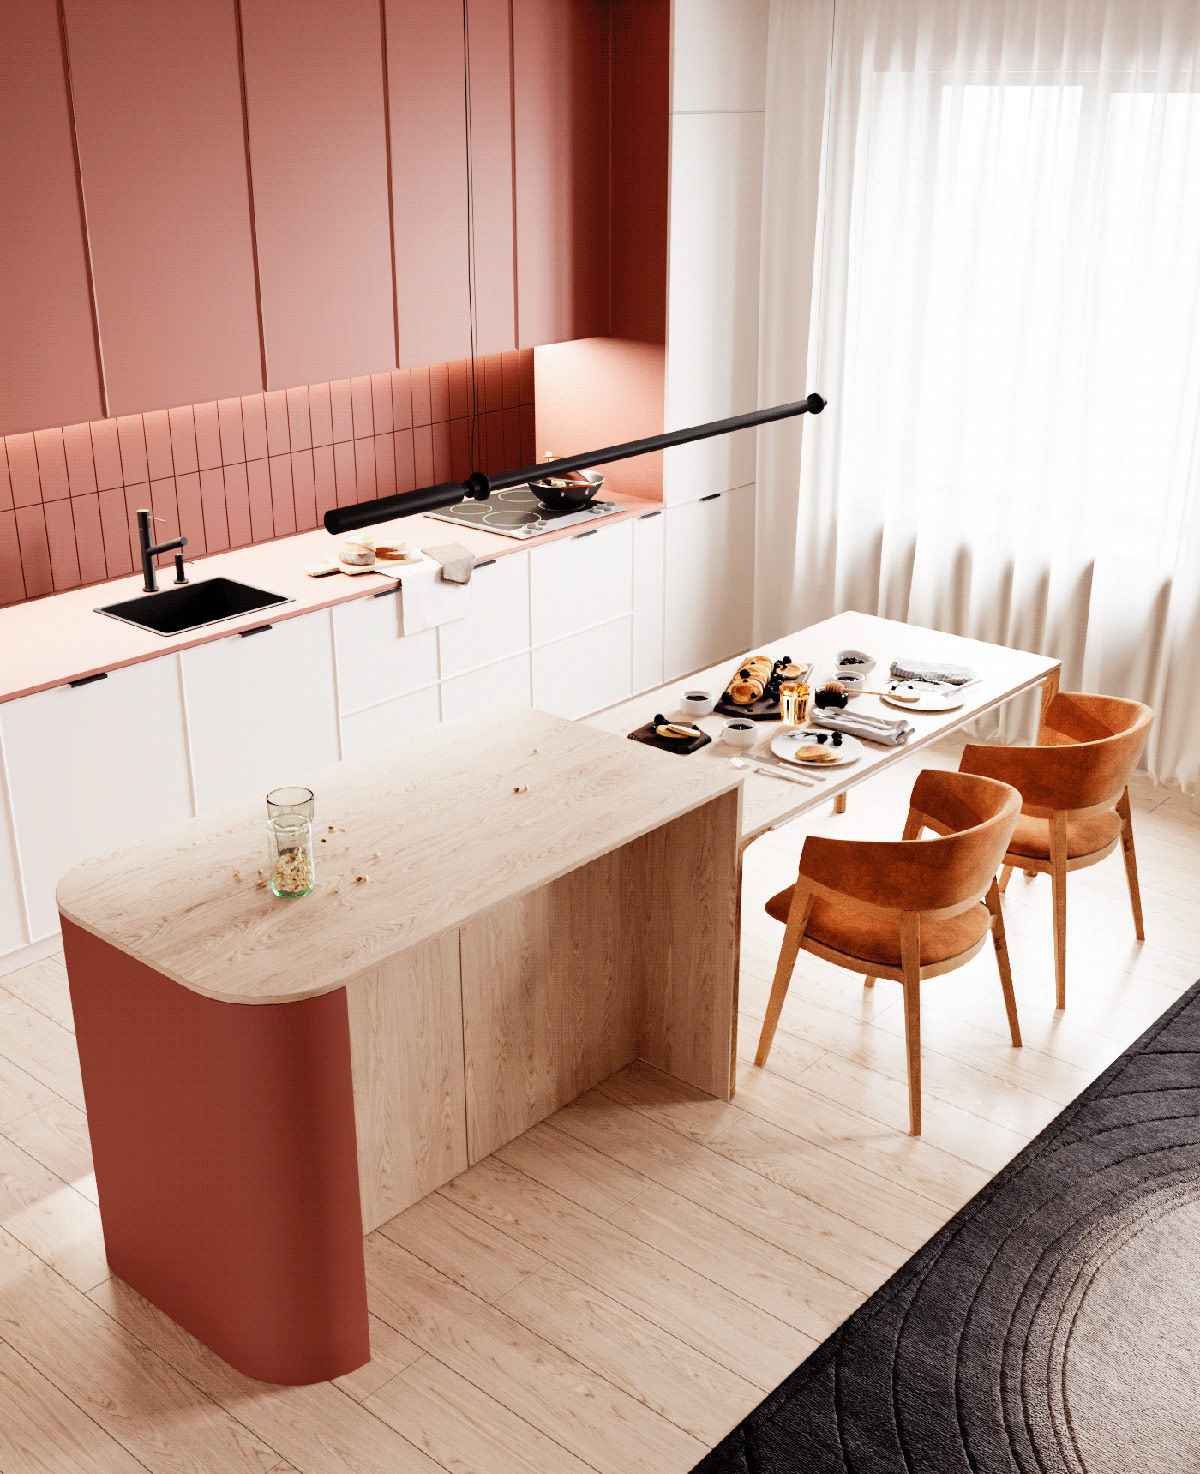 红+橙+金演绎奢华和休闲感:温暖又温馨的现代家居设计